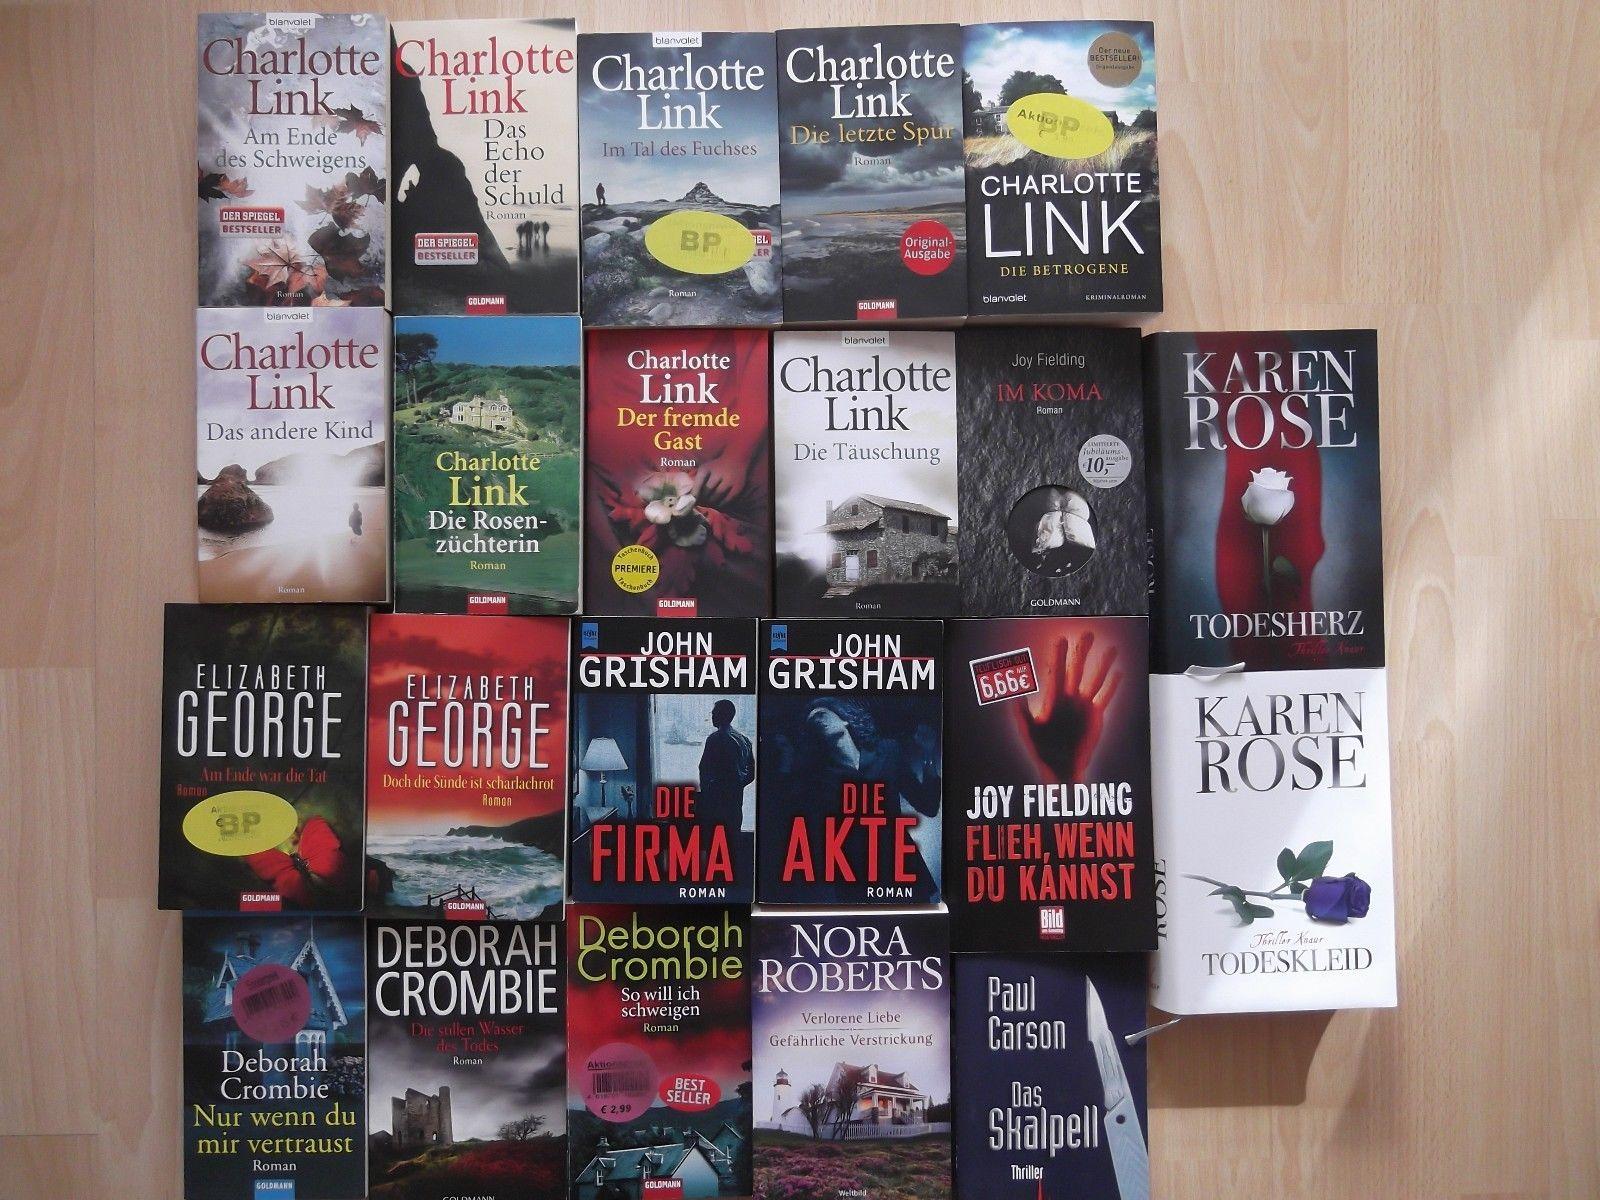 Bücherpaket 22 Thriller / Krimi - Romane Charlotte Link, John Grisham u. a.